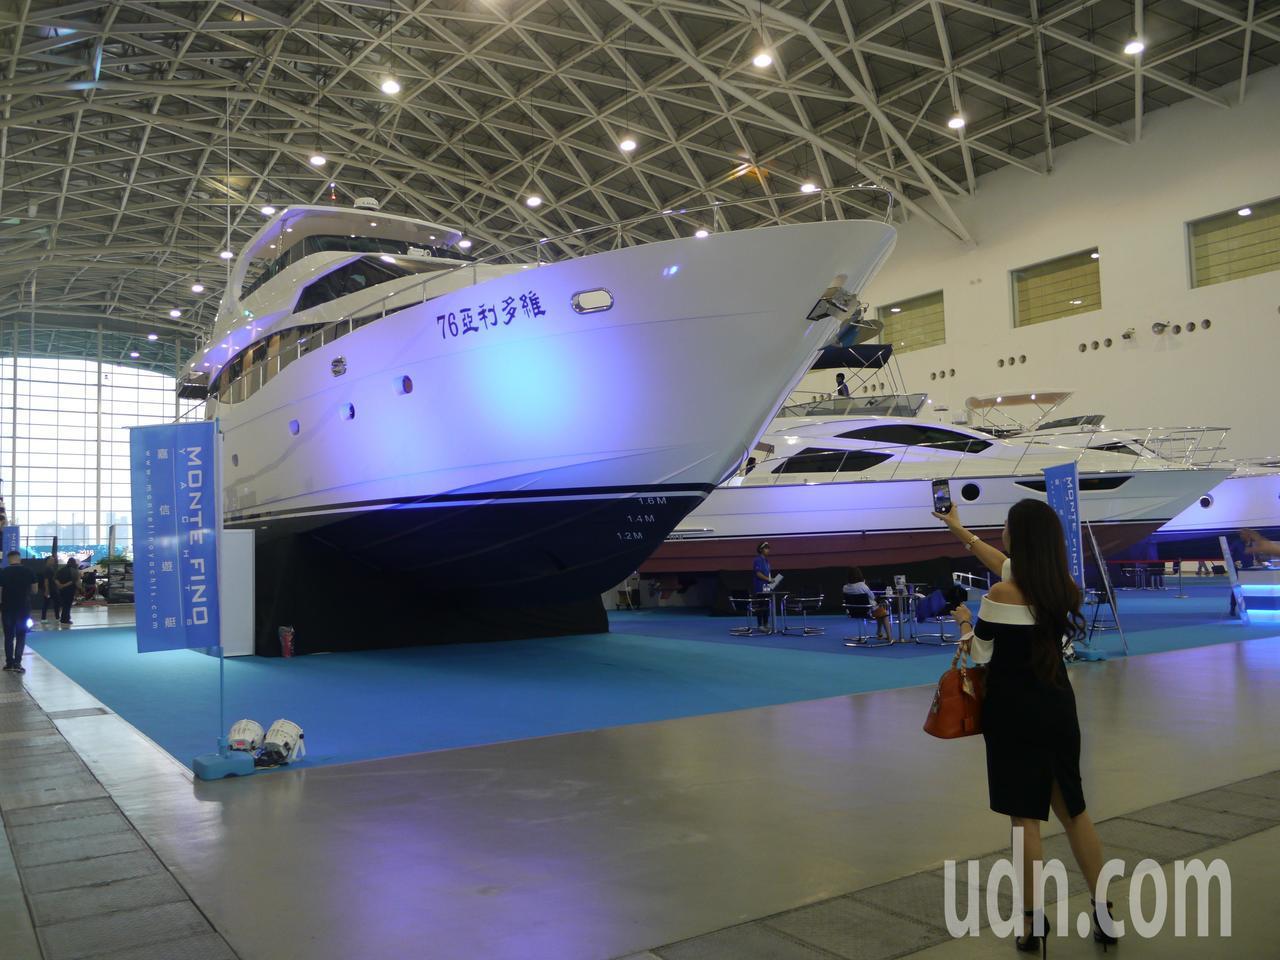 「維多利亞76」是室內展場內尺寸最大的遊艇。記者徐白櫻/攝影